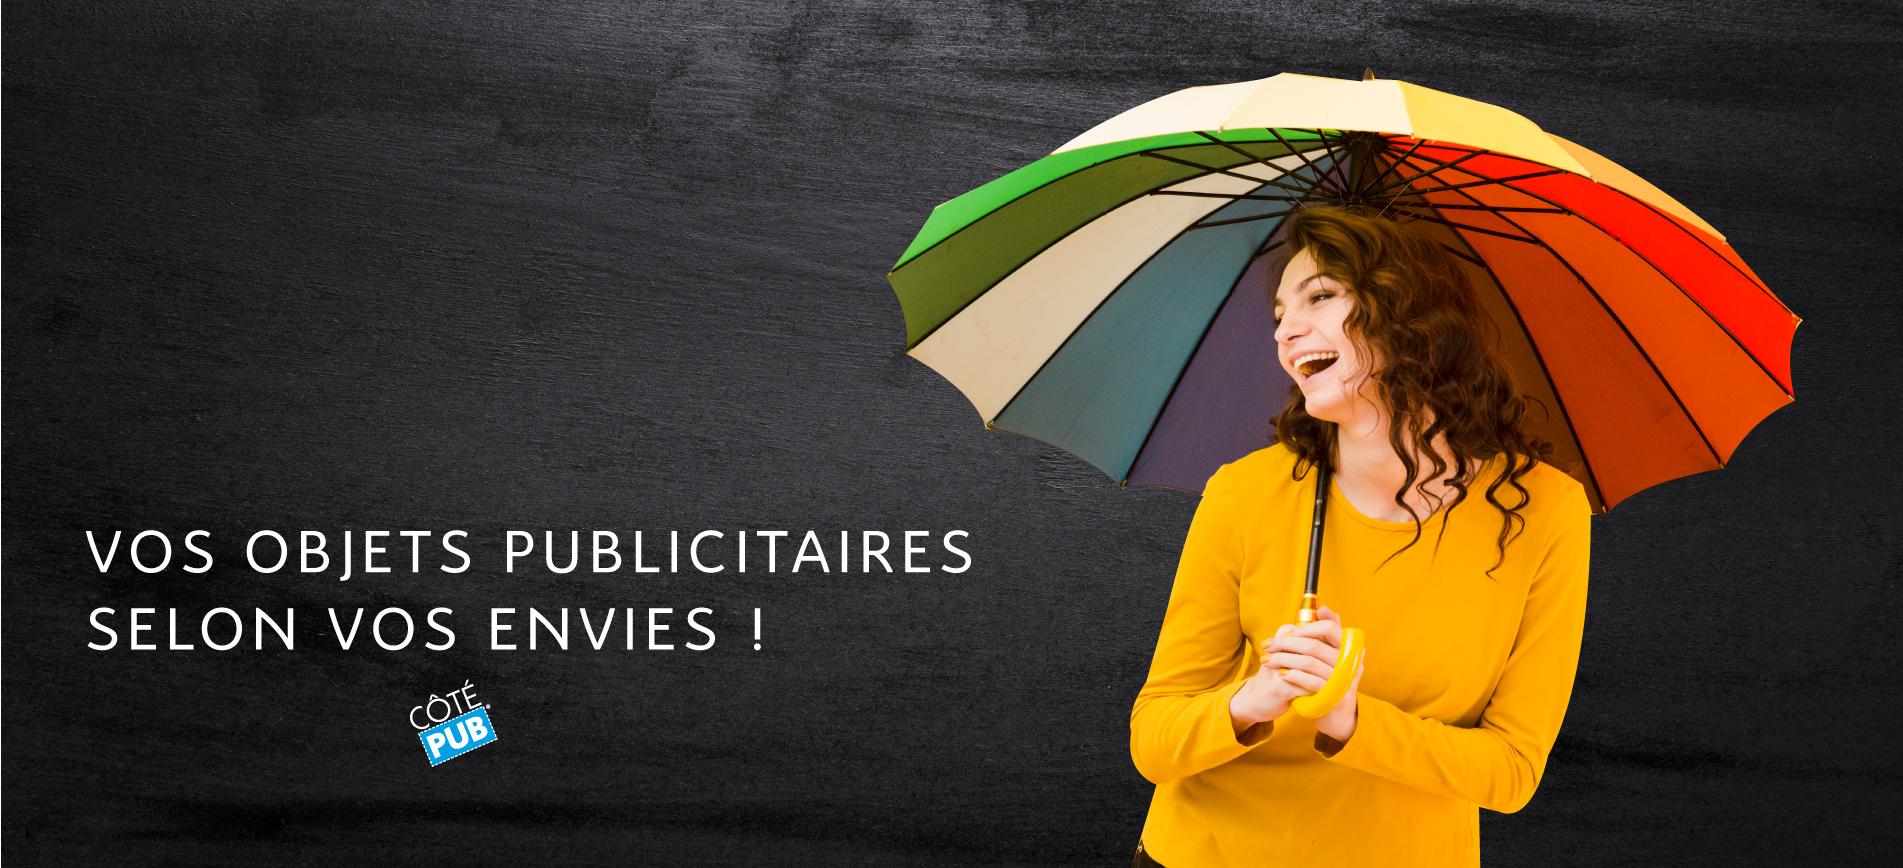 objets-publicitaires-goodies-personnalisation-flocage-sotta-lecci-auriol-roquevaire